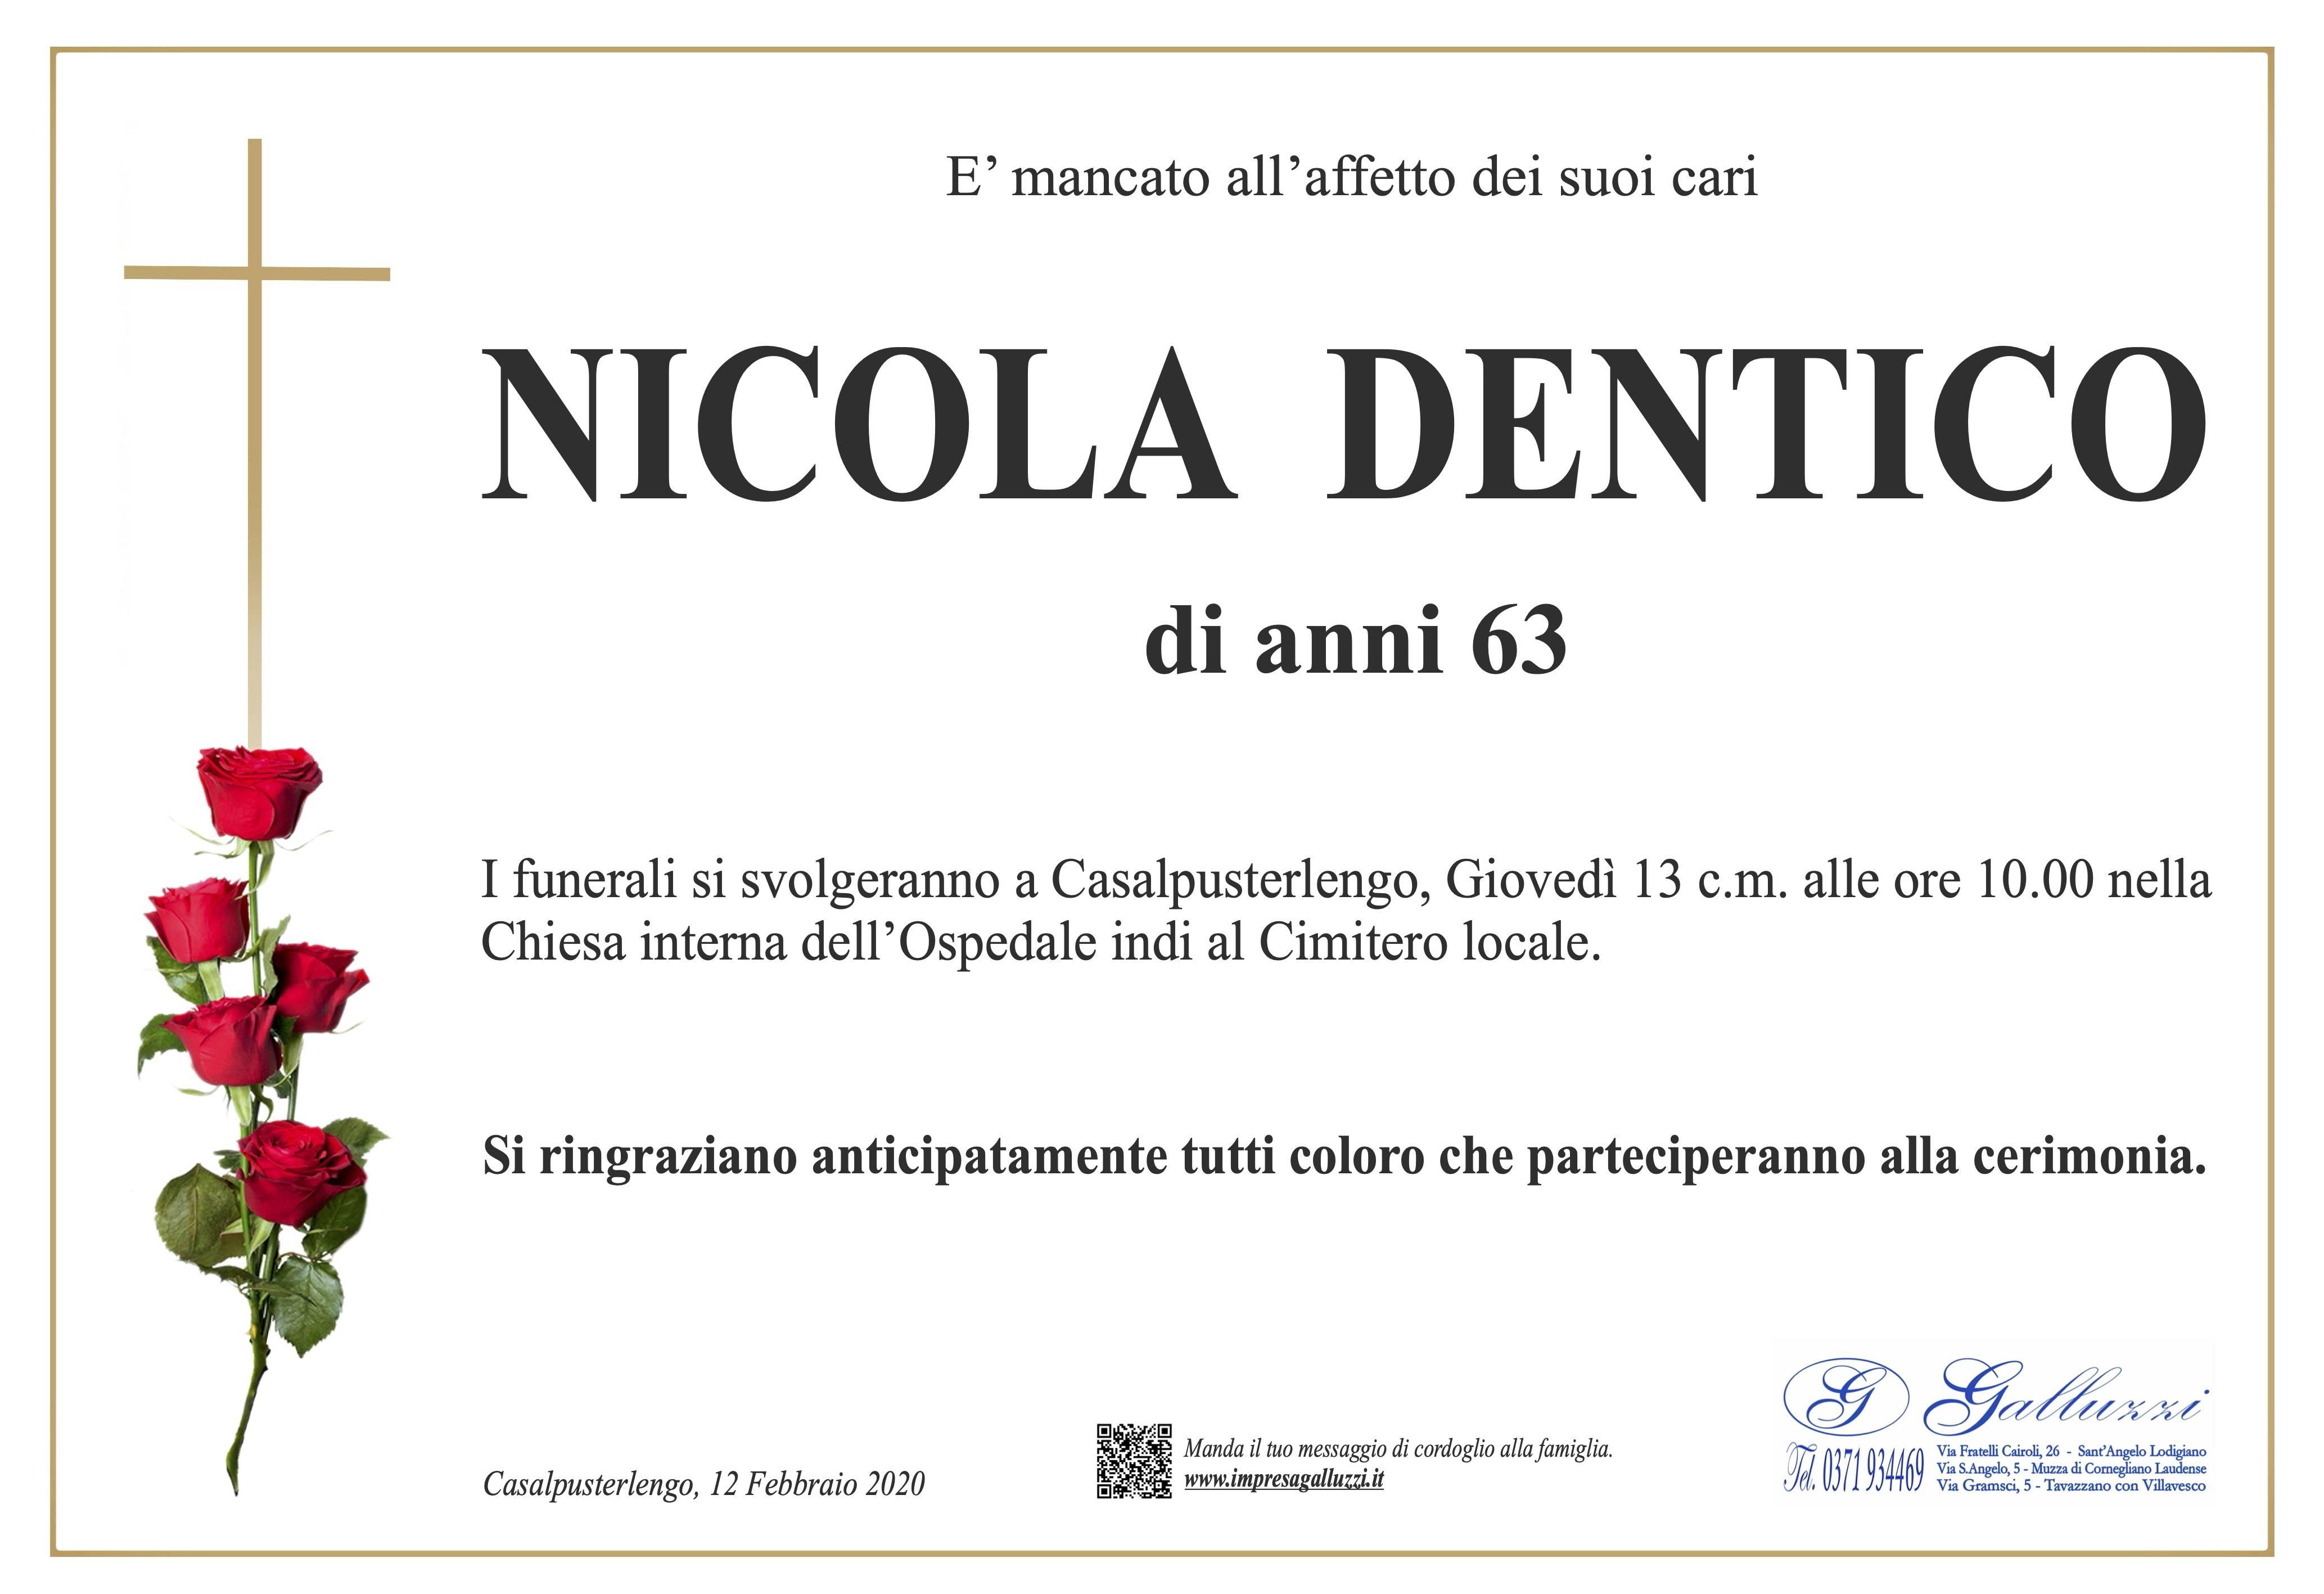 Nicola Dentico